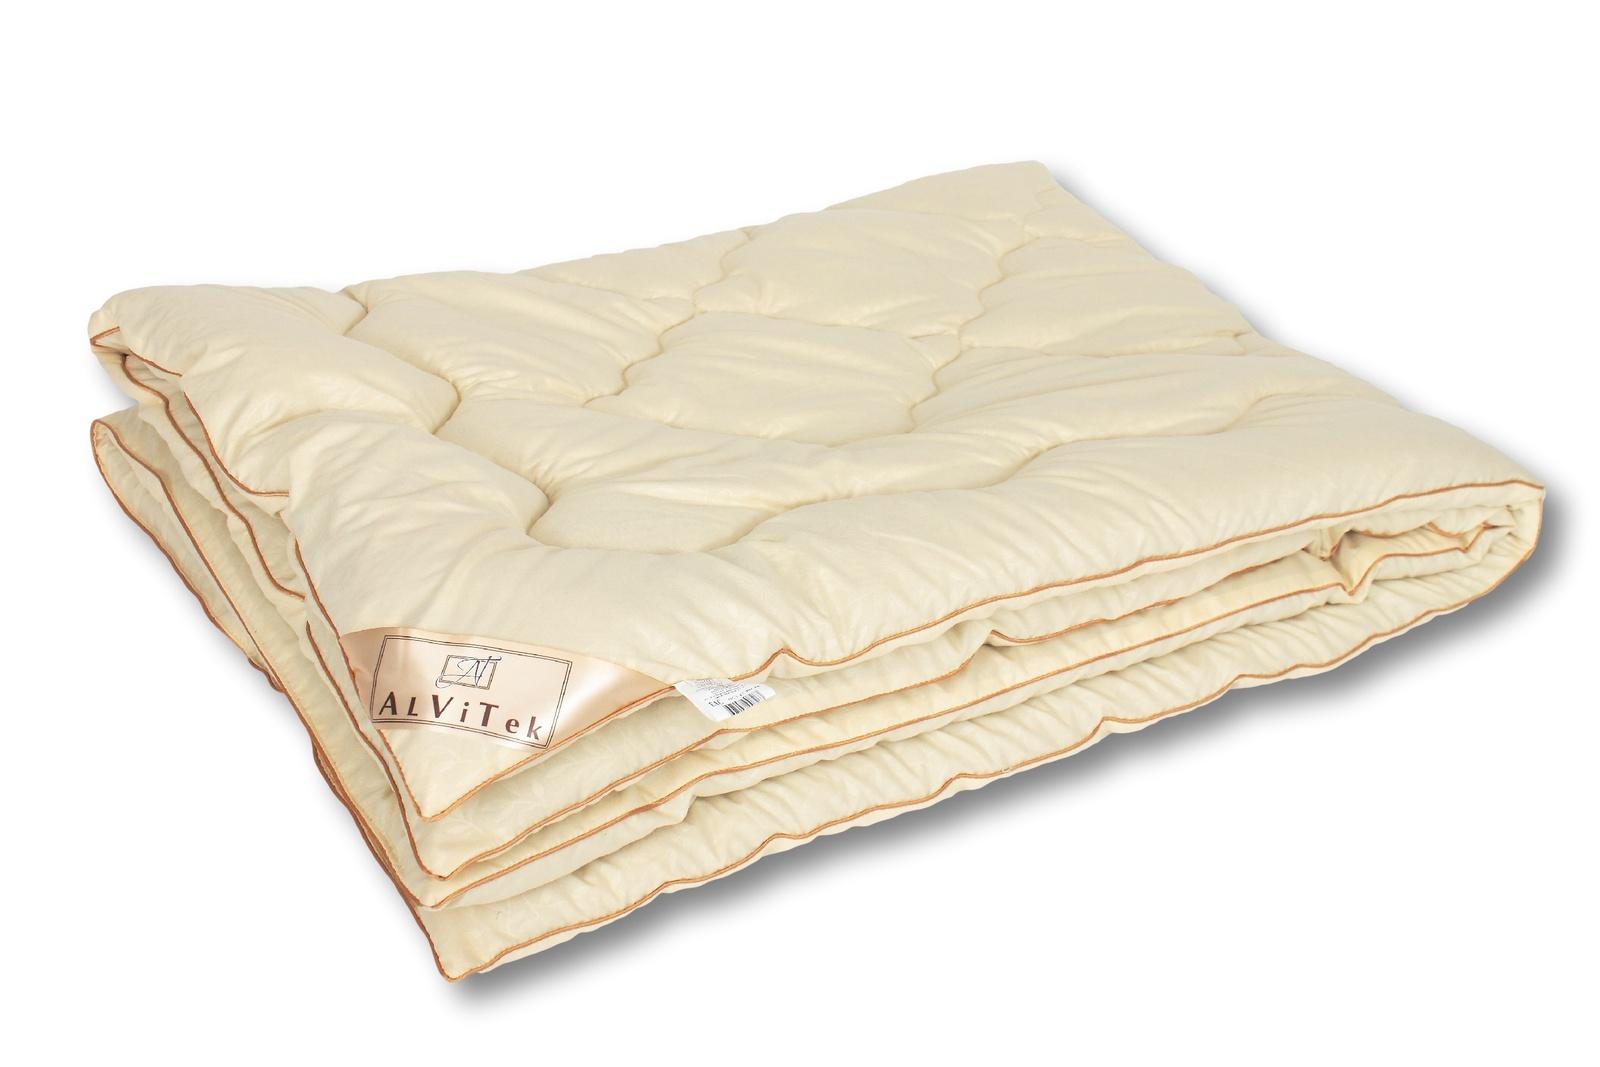 Одеяло Модерато Эко классическое всесезонное размер: 140х205 одеяла пиллоу одеяло халлофайбер эко очень теплое 140х205 см